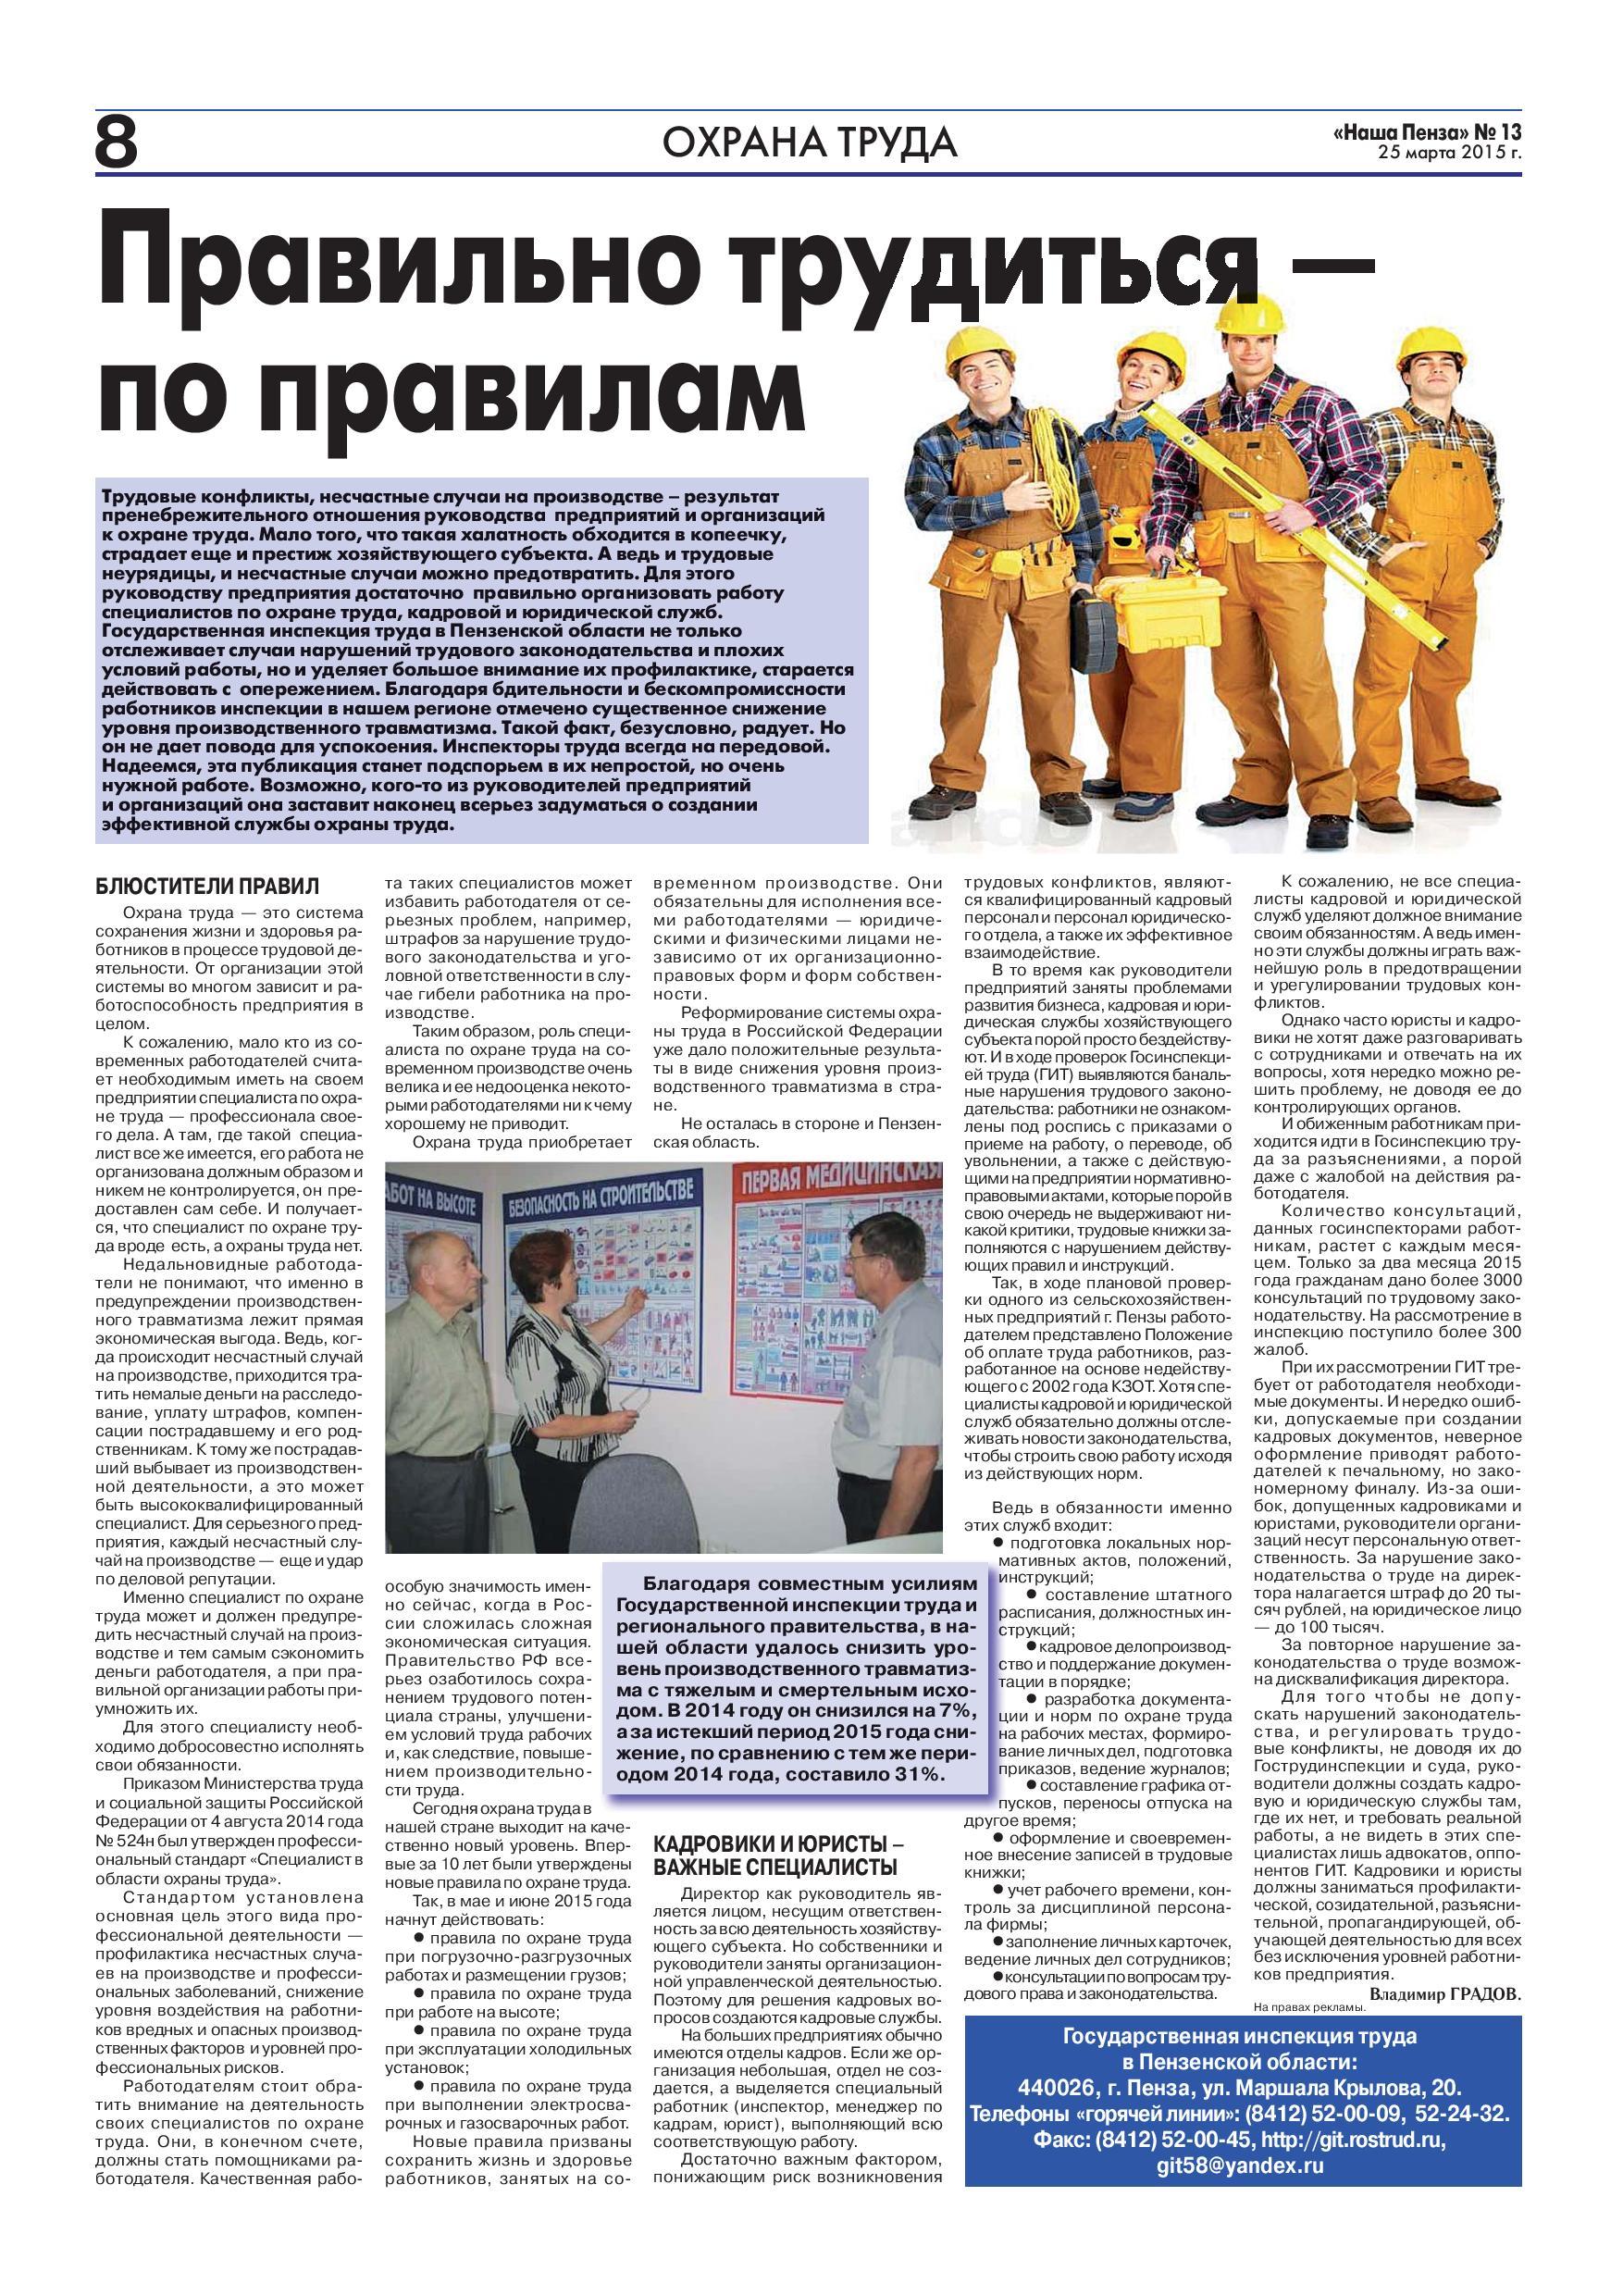 computherm q7 инструкция на русском